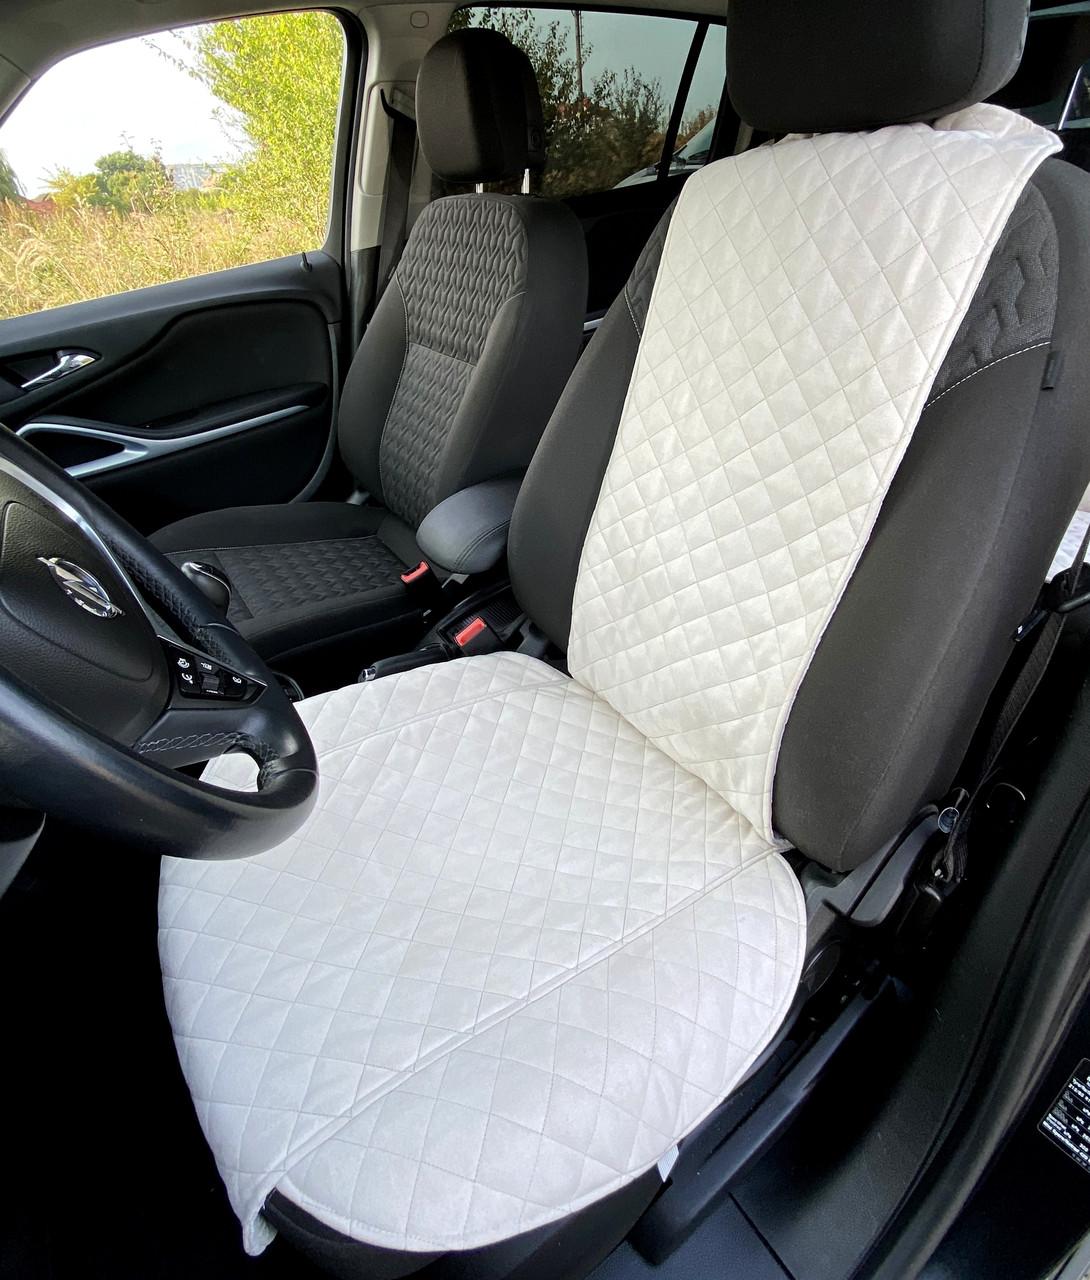 Накидка чехол на сидения автомобиля из Алькантары Эко-замша один универсальный защитный авточехол Айвори 1 шт